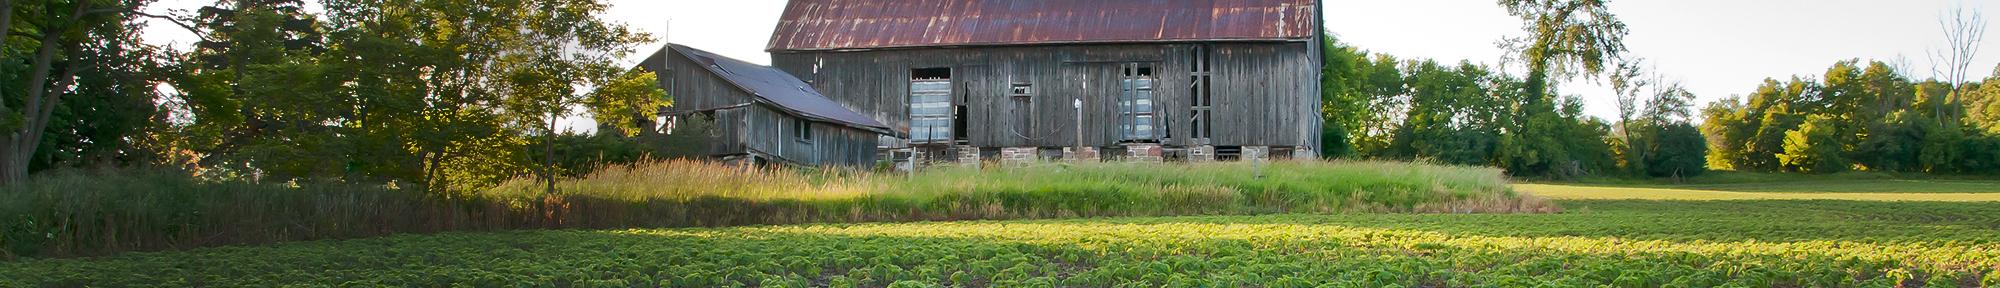 old barn in farmer's field